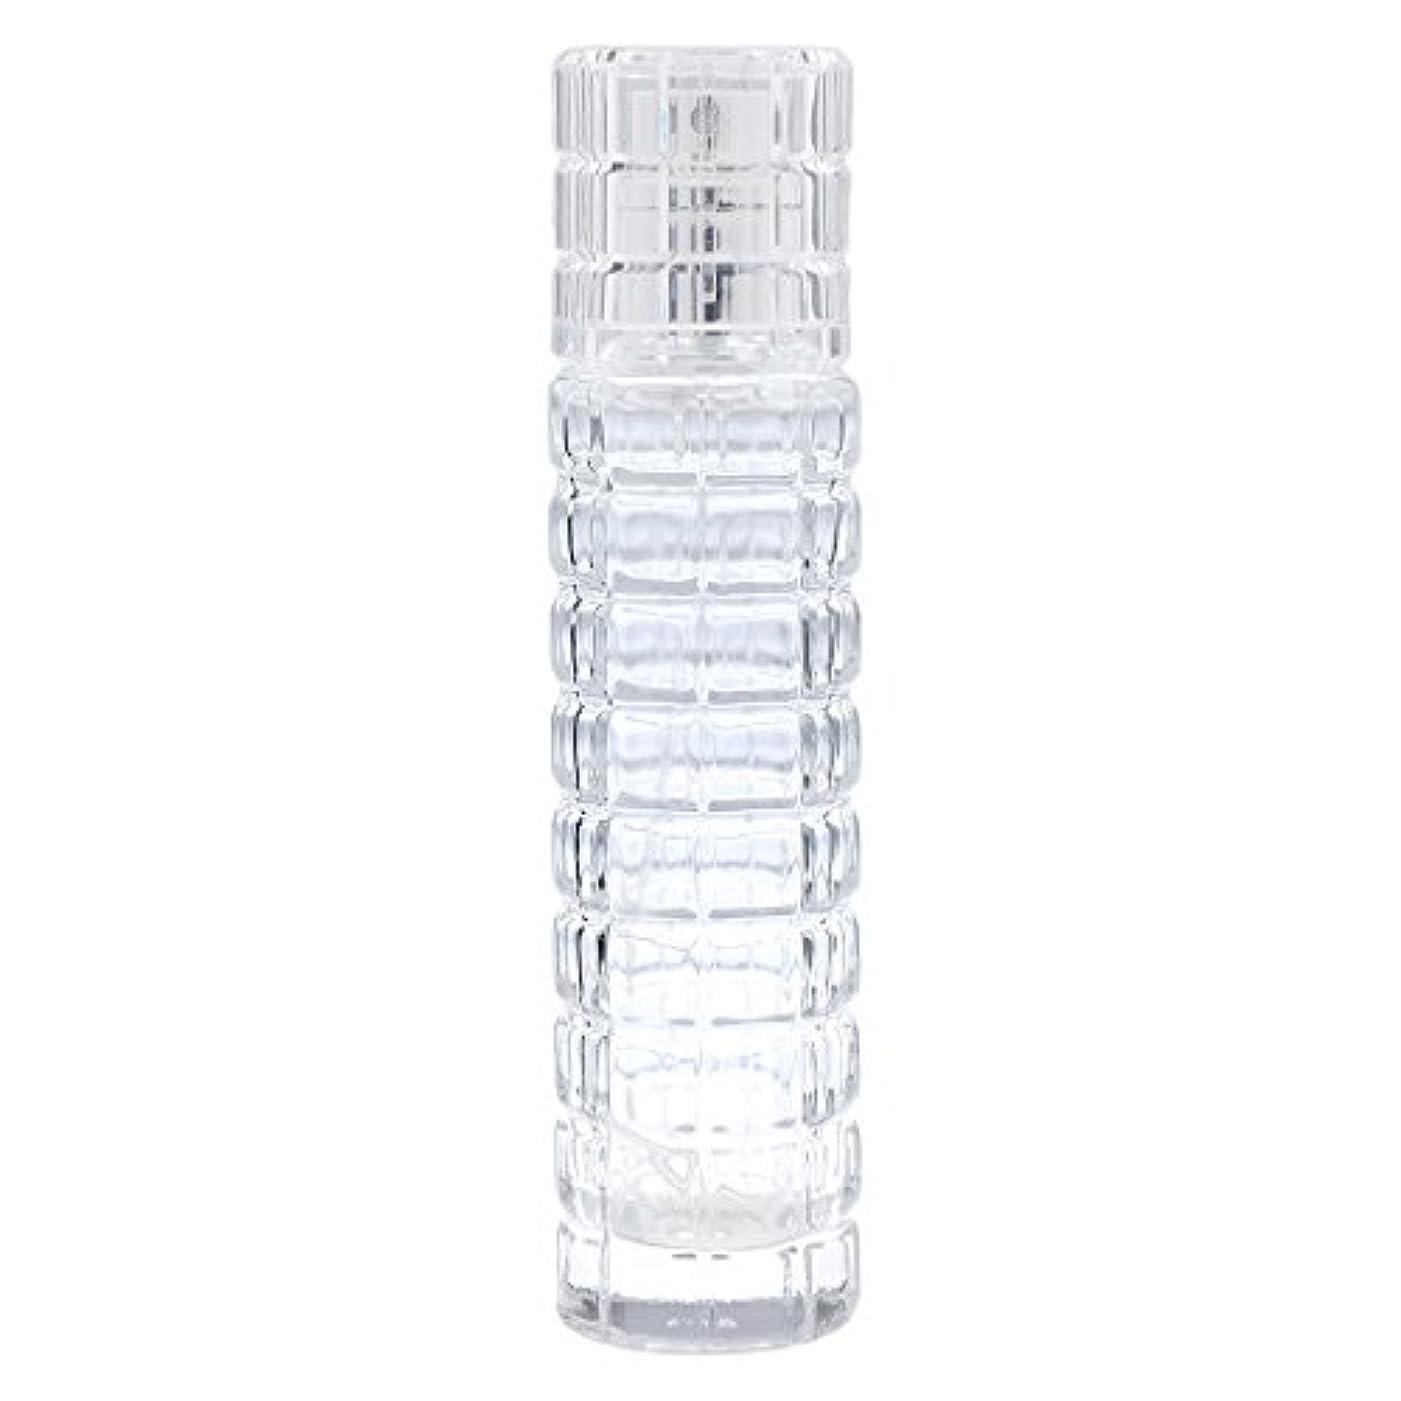 める重くする煩わしい小型 詰め替え可能 空 香水ボトル ガラス 香水瓶 アトマイザー スプレー 旅行用 30ml 便利 クリア